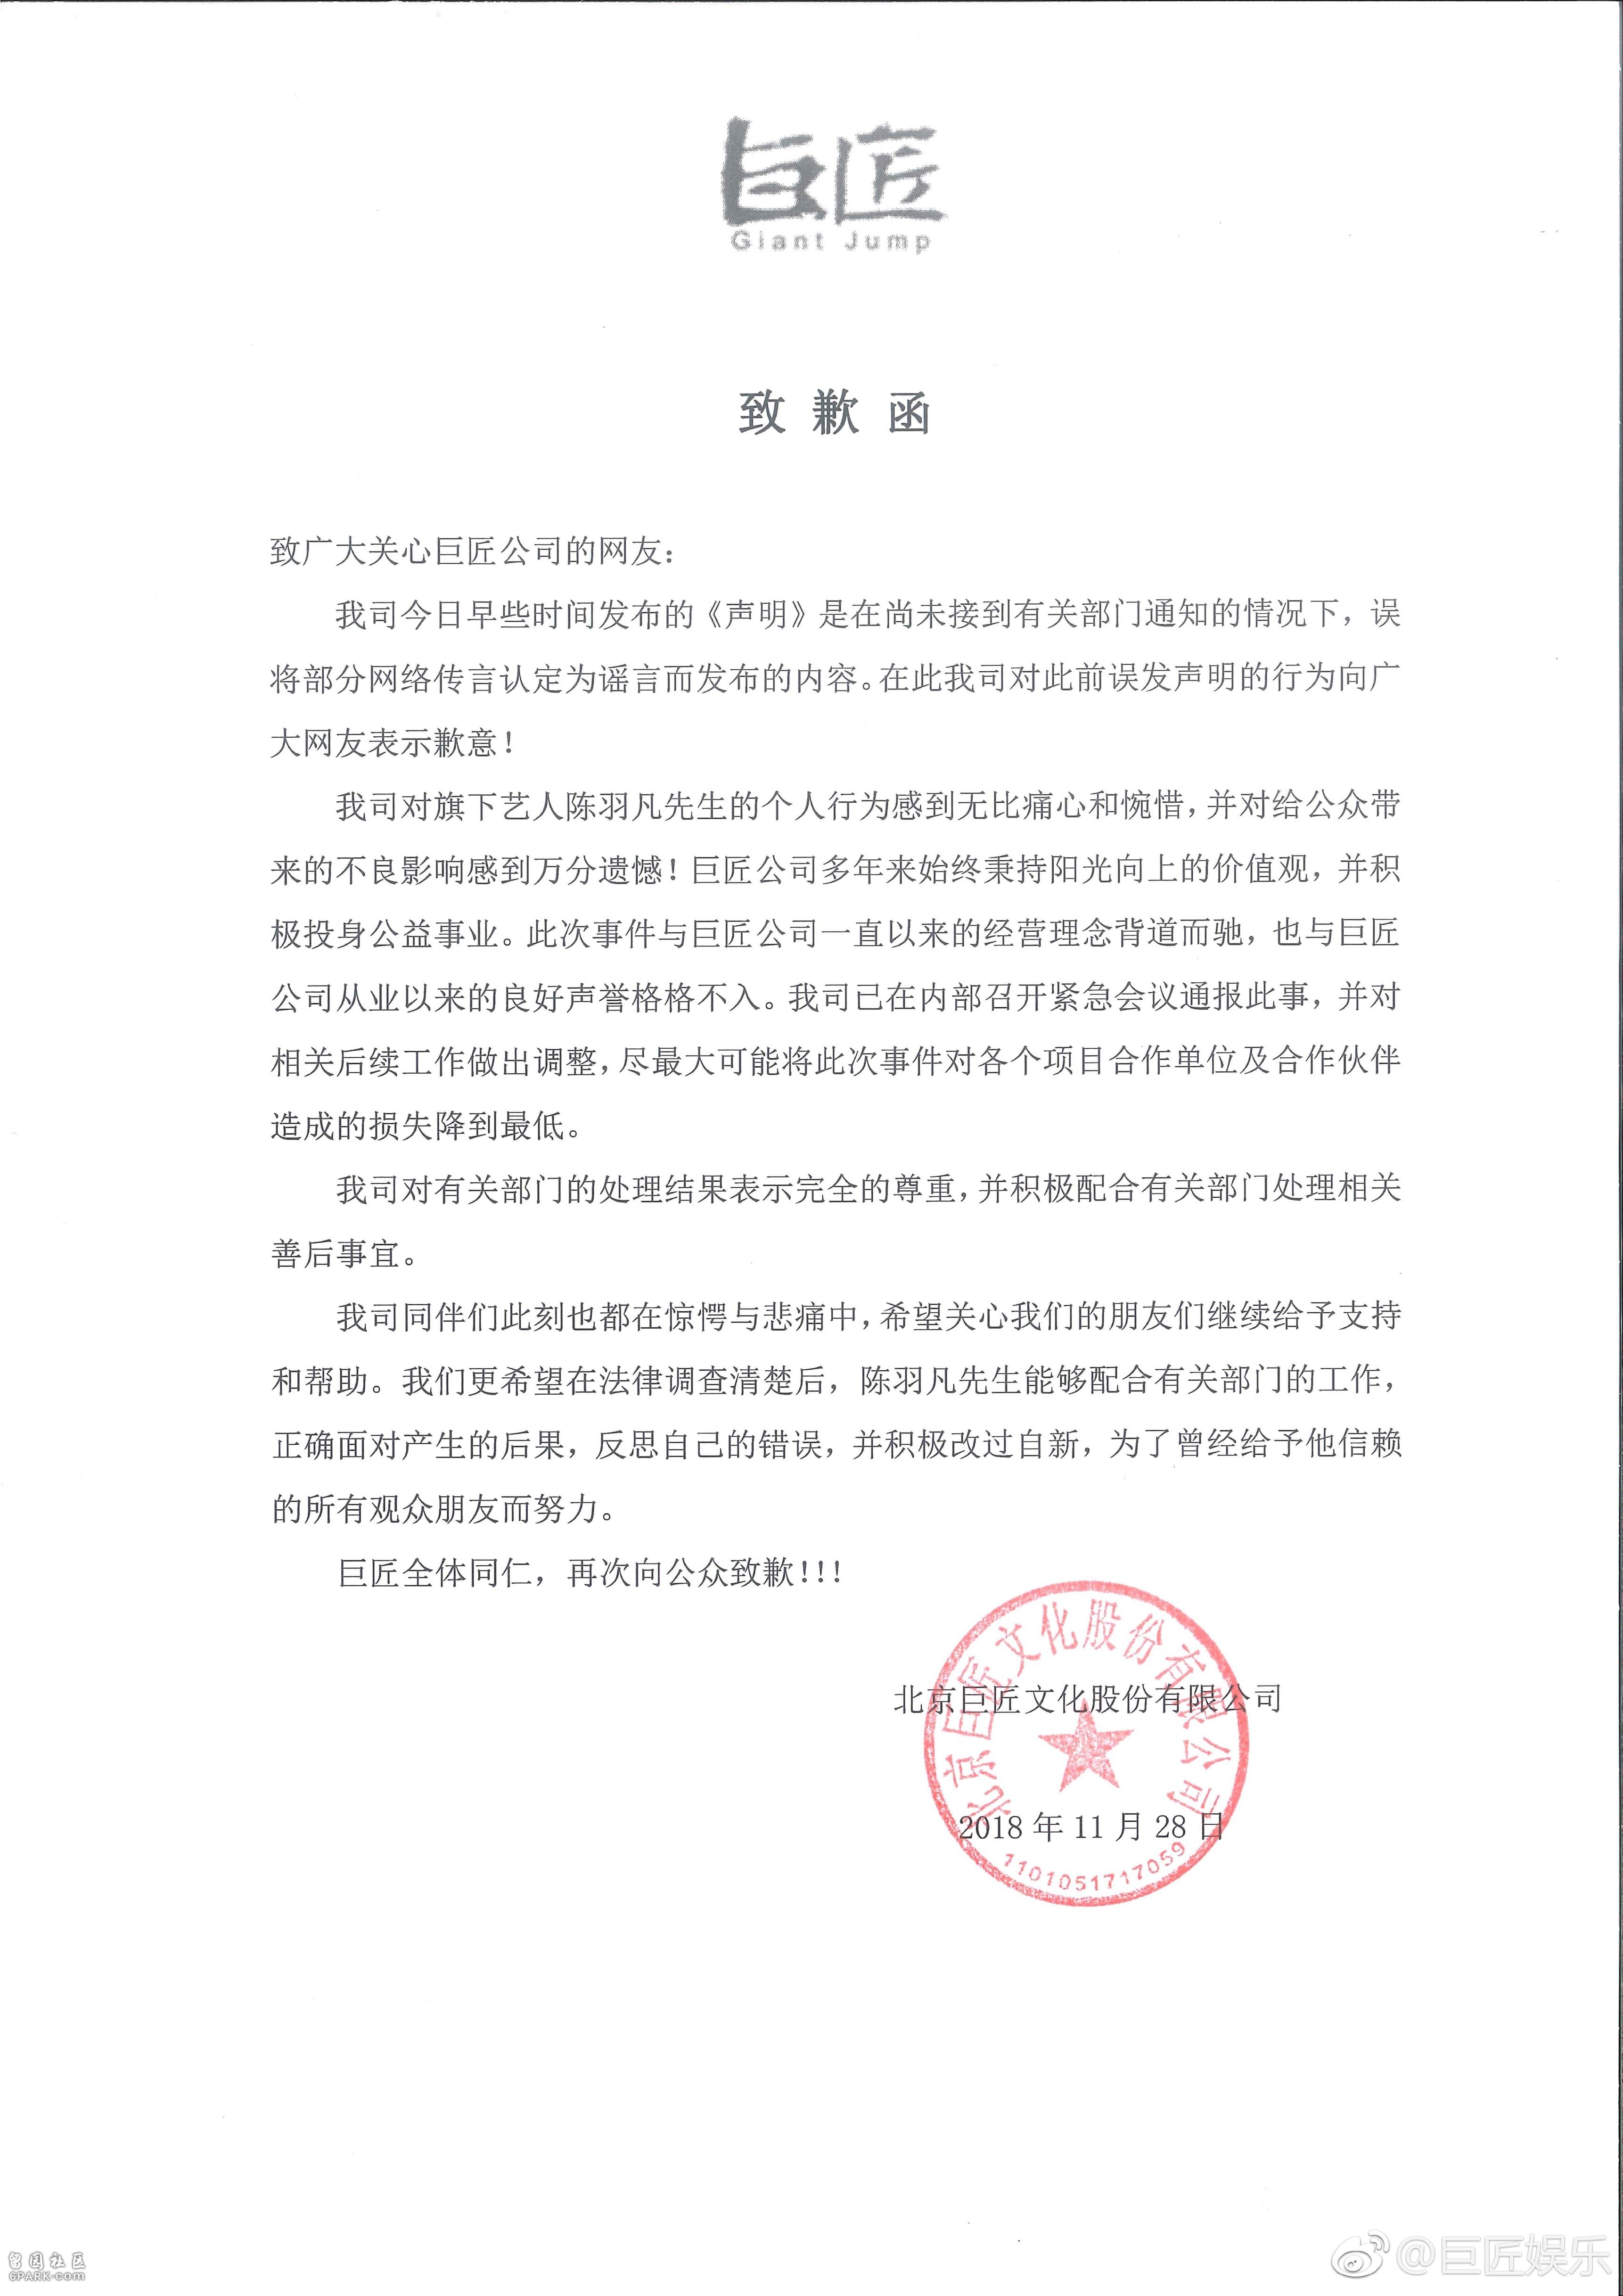 陈羽凡公司就其吸毒事件及误发辟谣声明致歉